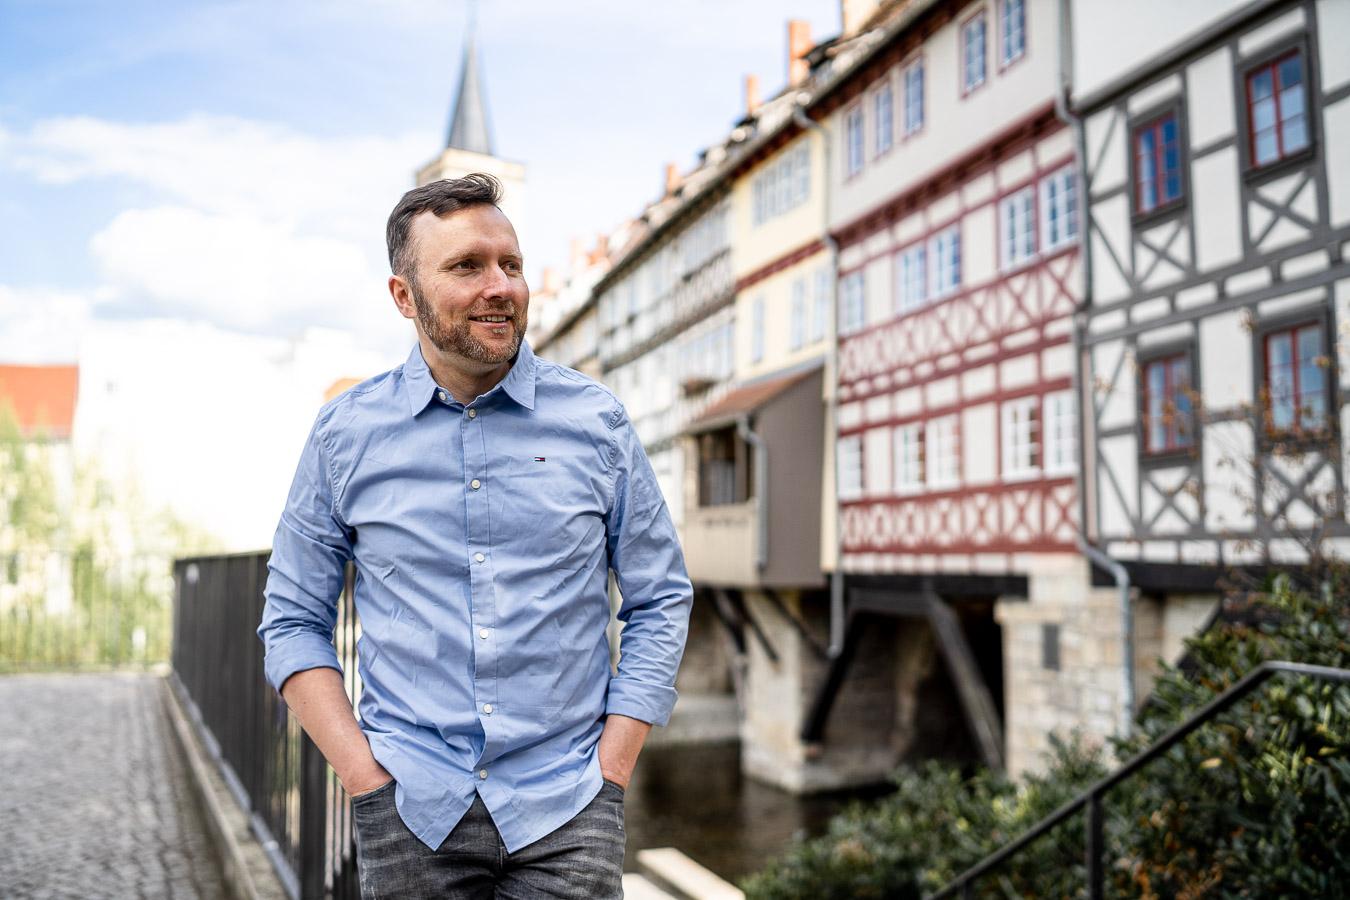 Vertriebskompass Vertriebscoaching Training für mehr Erfolg mit Oliver Zentgraf